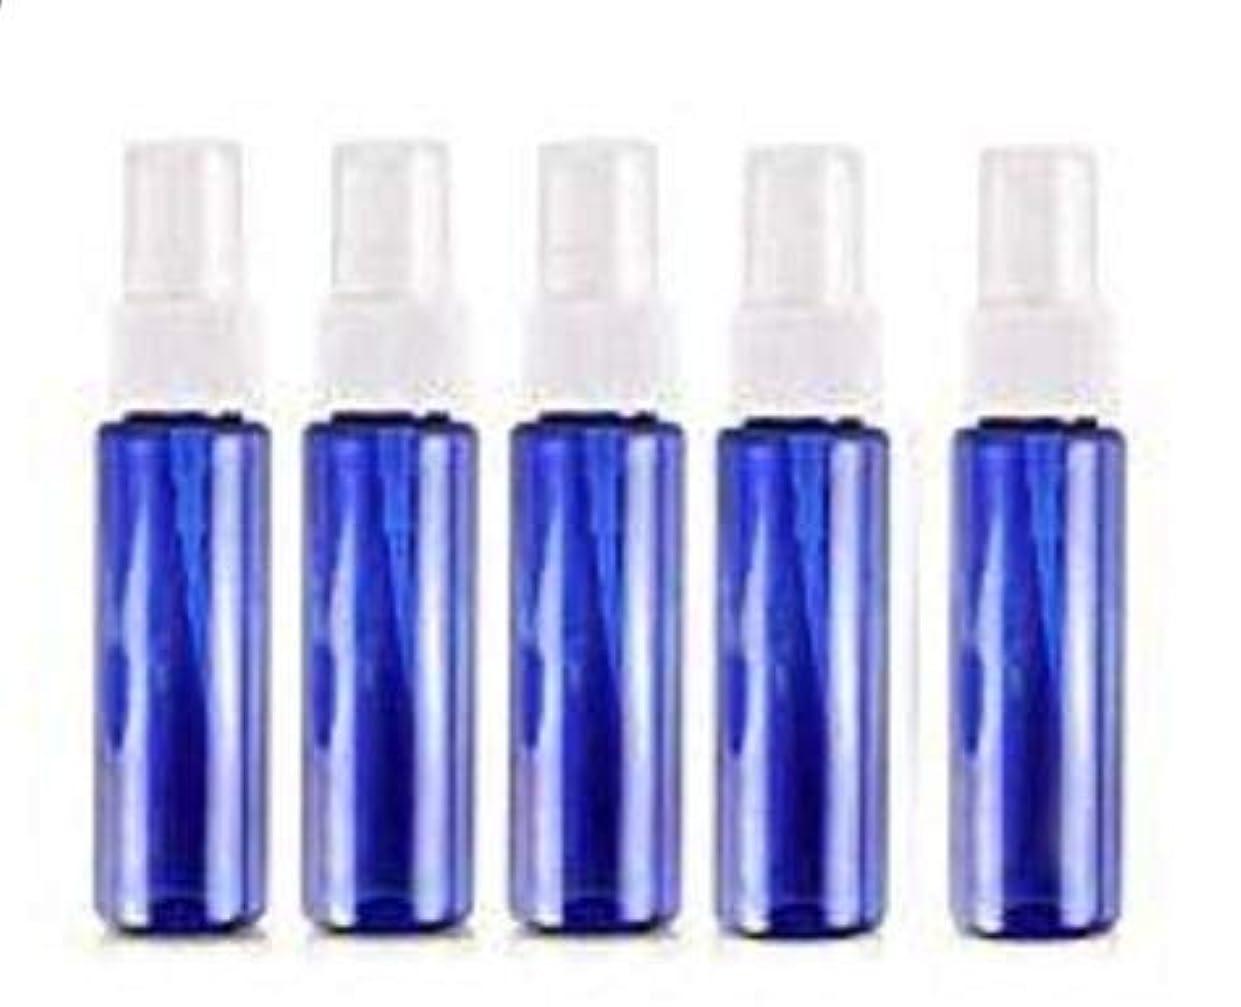 広い削る便利chaselpod スプレーボトル スプレー容器 遮光瓶スプレー アロマ虫除けスプレー プラスチック製 ミニ 携帯 便利 軽量 30ml 5本 (ブルー)